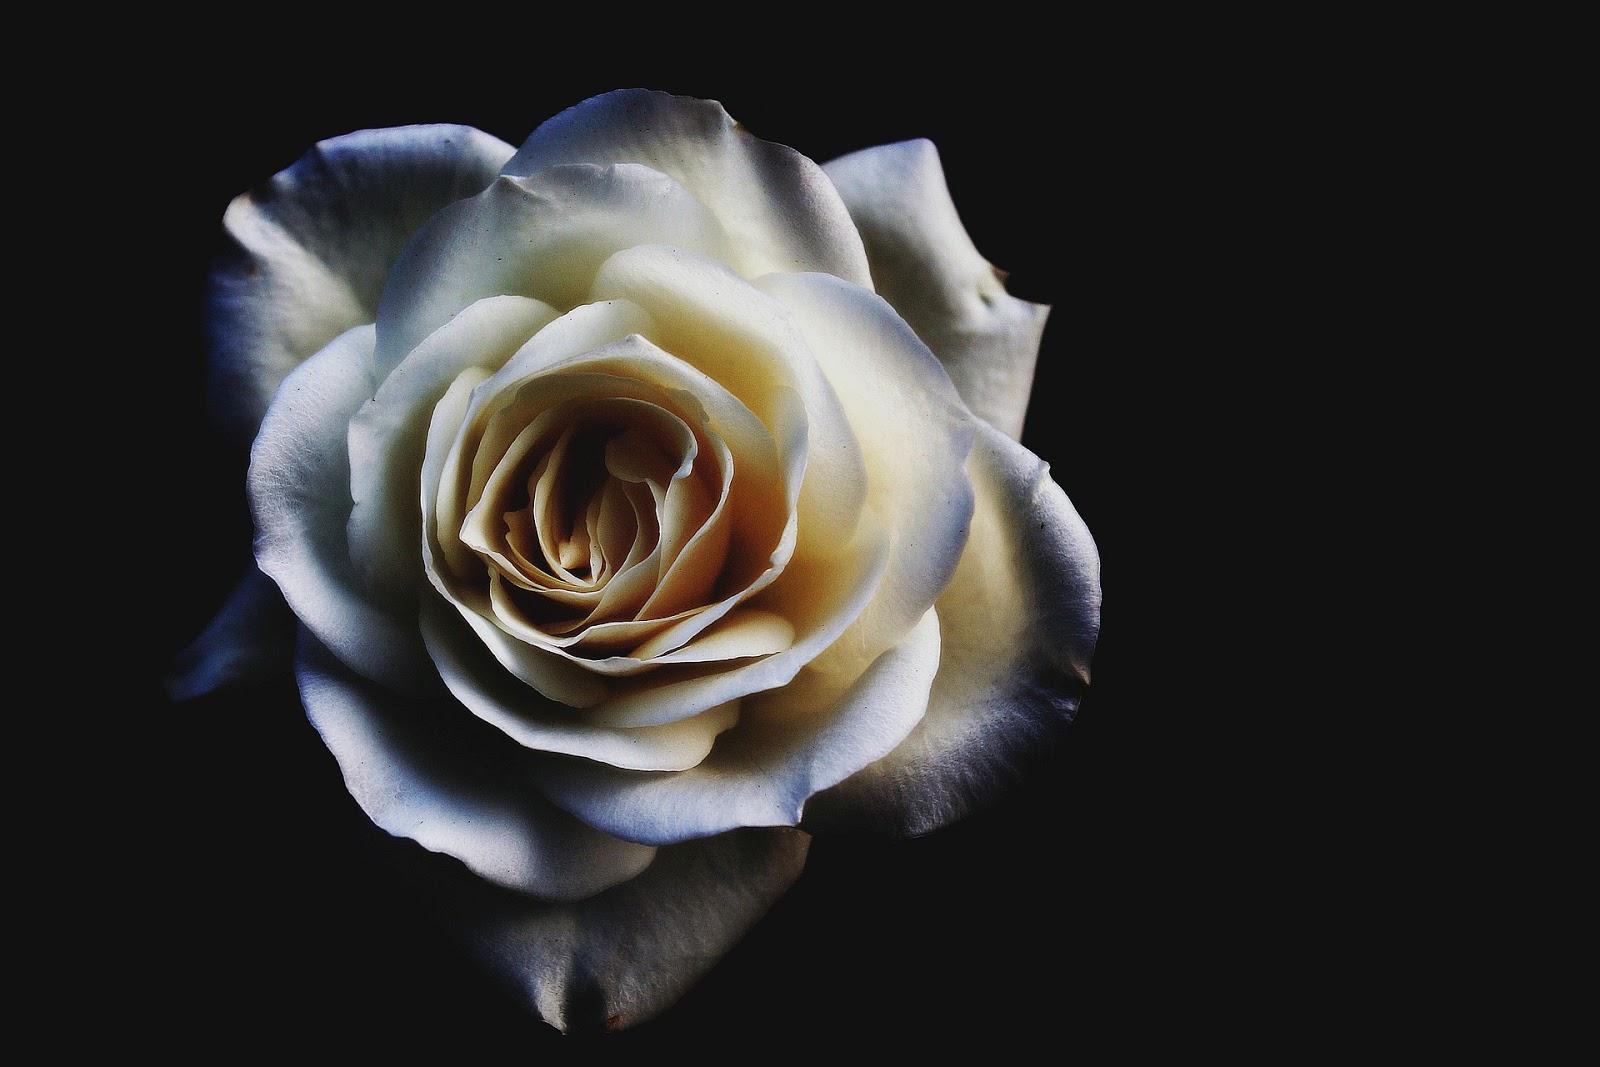 bunga mawar hitam putih